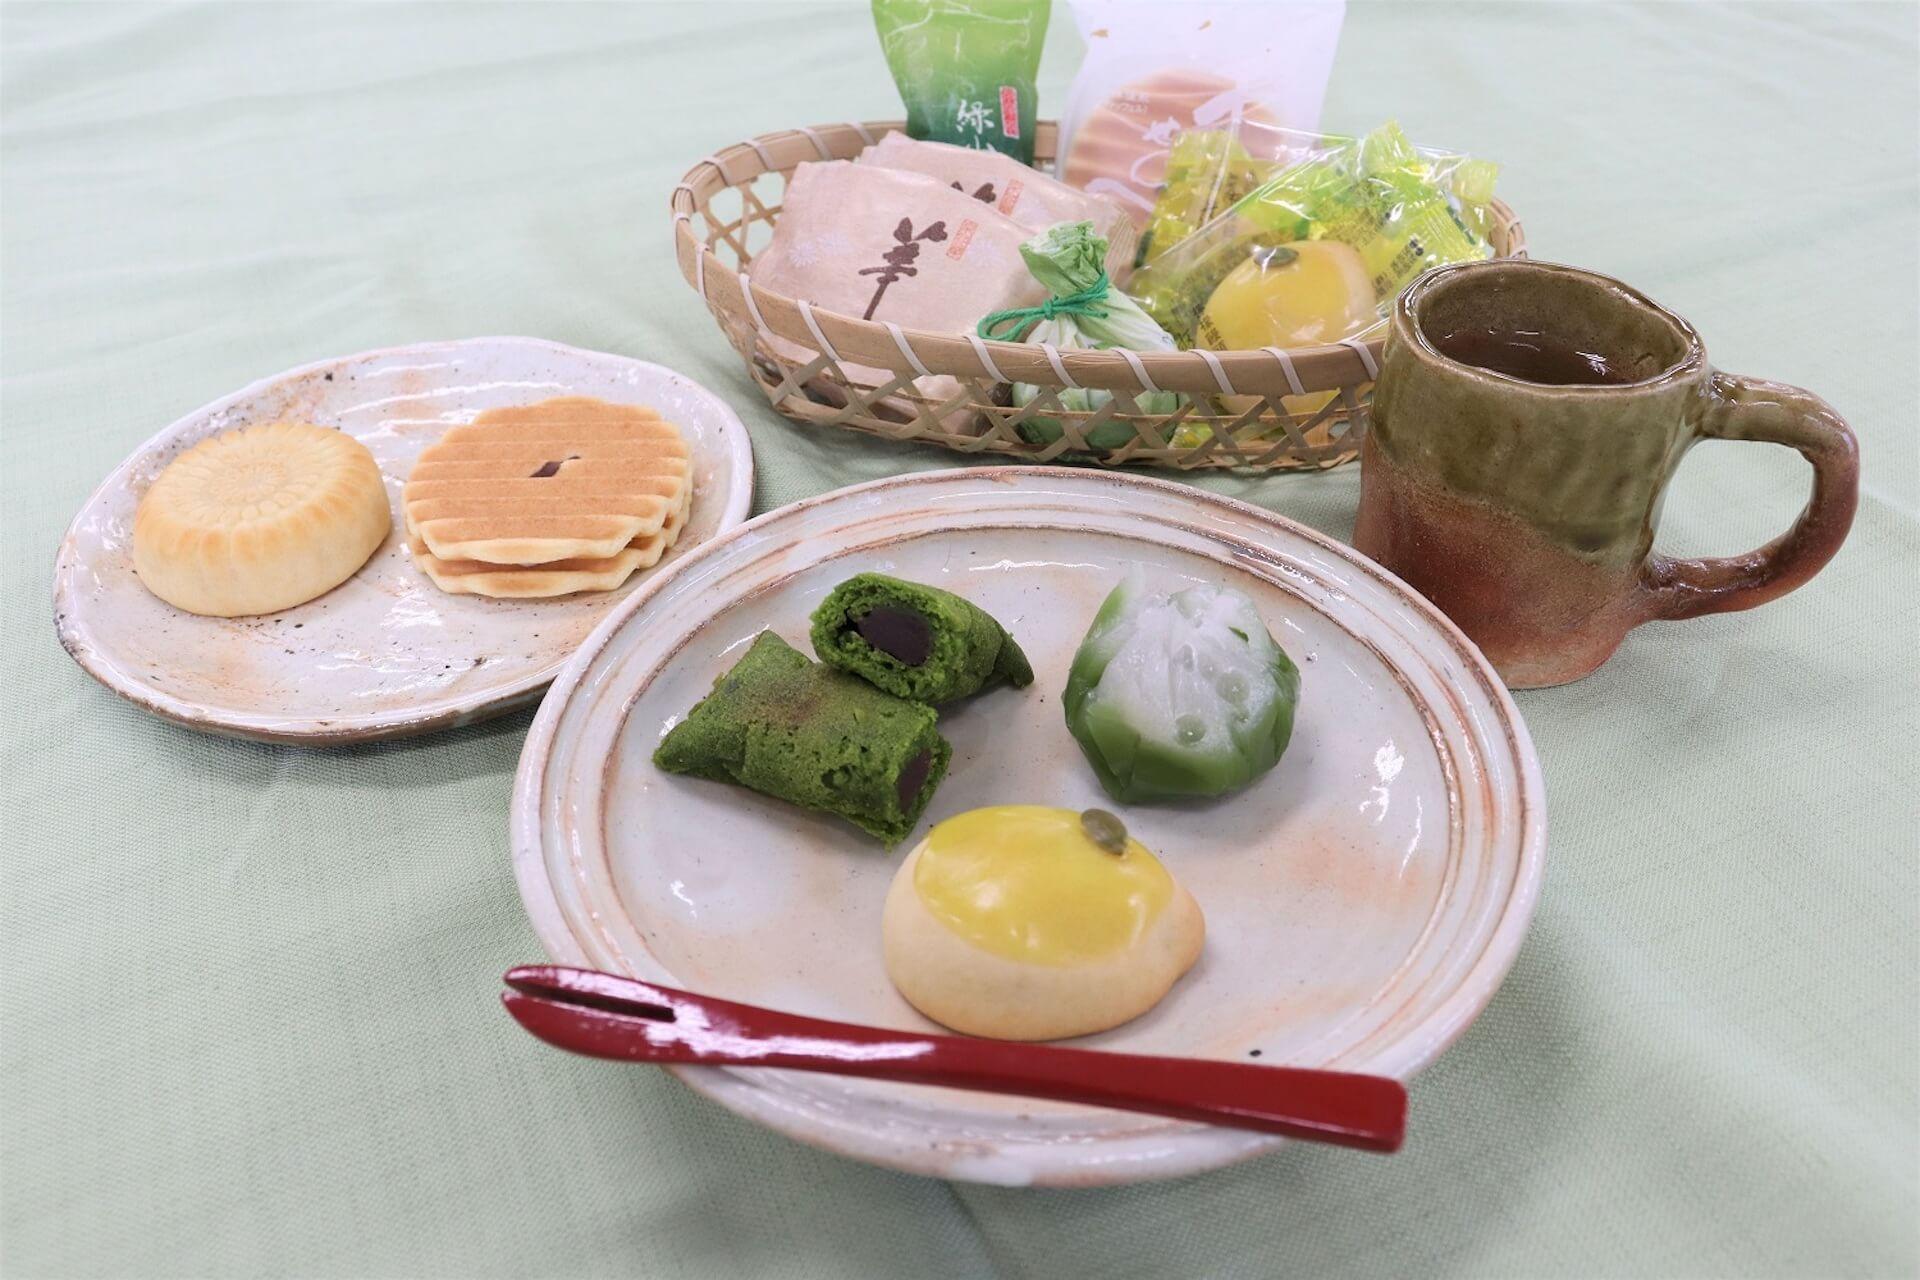 京都の初夏をおうちで楽しもう!鼓月から『初夏の和菓子 お取り寄せセット』がWEB&期間限定で登場 gourmet200423_kogetsu_01